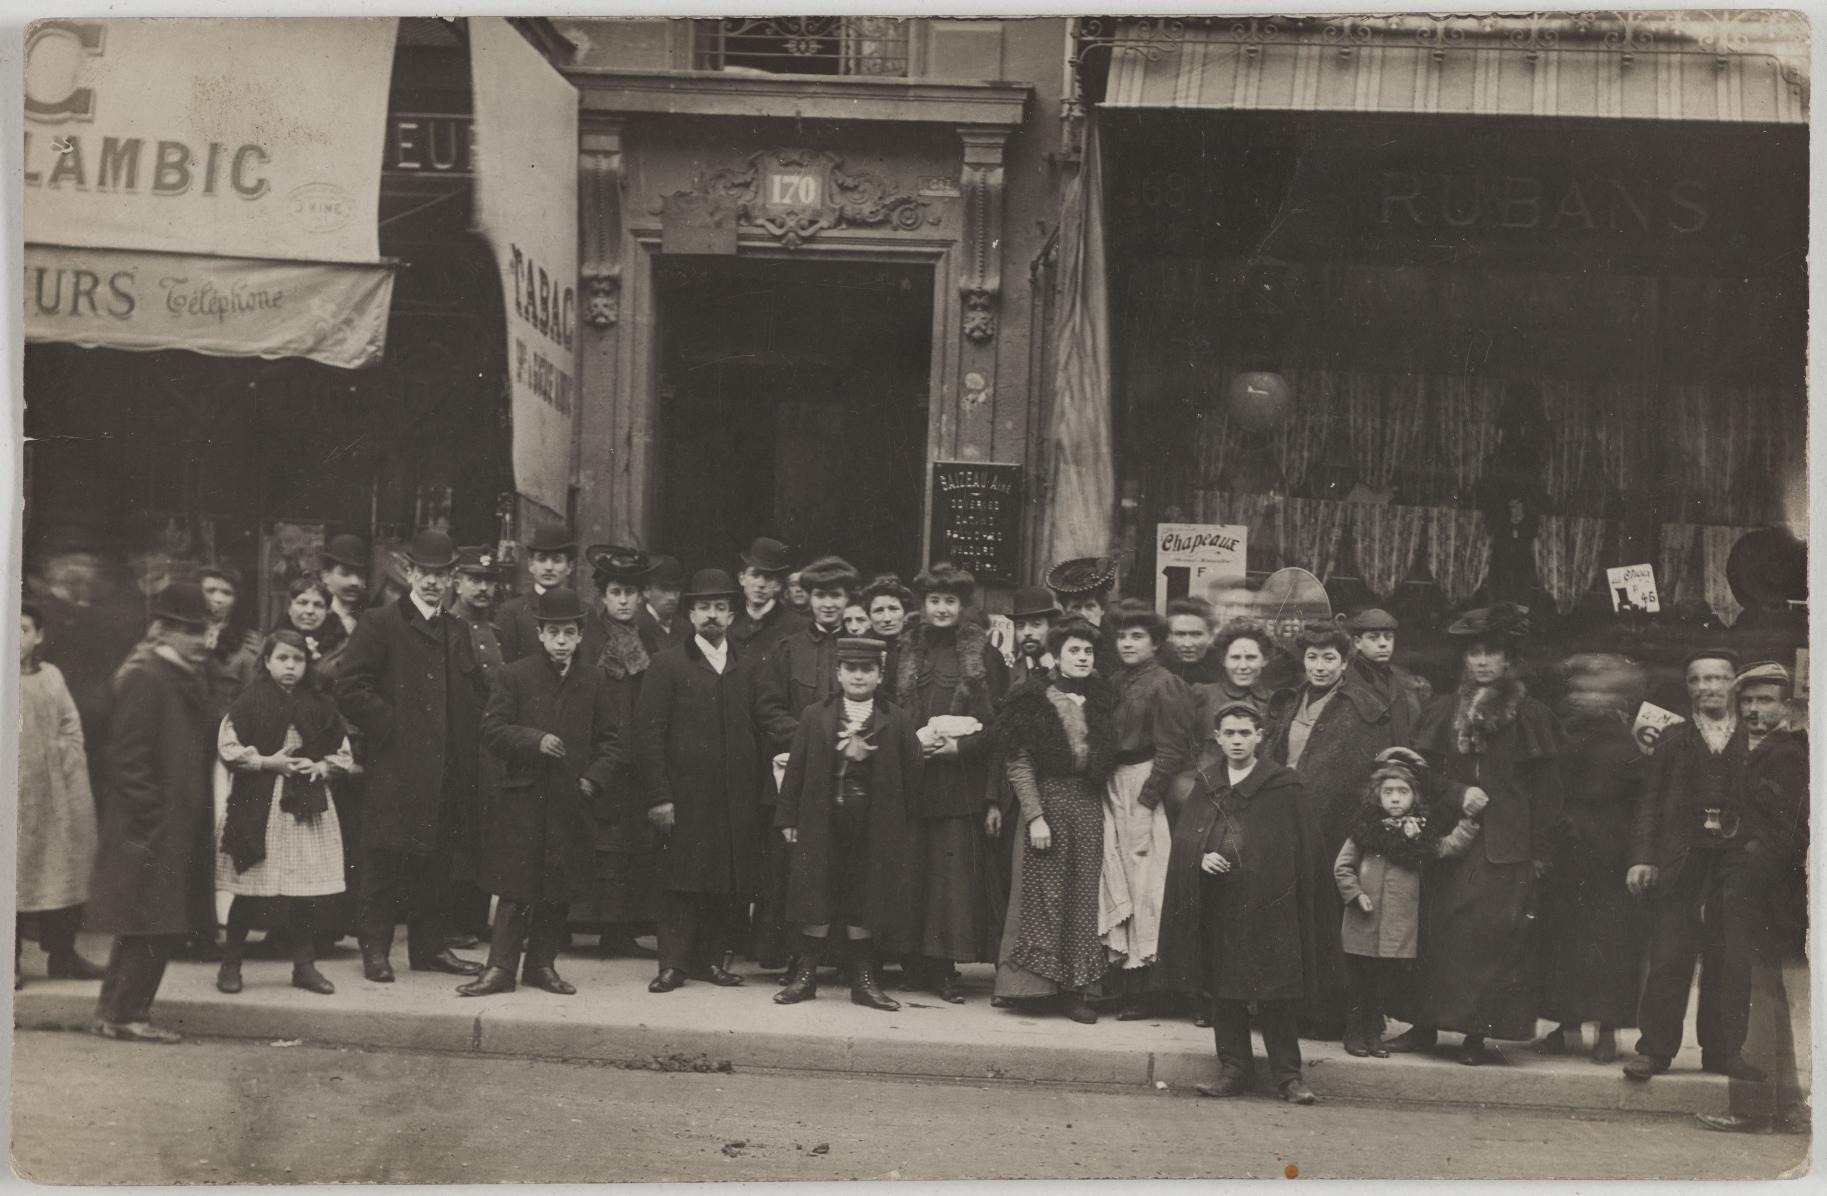 1907. Кафе, табак. 170, rue du Temple. Сейчас на этом месте магазин изделий из кожи. Ленты и шелка. 169, rue du Temple (3-й округ). Сейчас на этом месте оптовая продажа ювелирных изделий